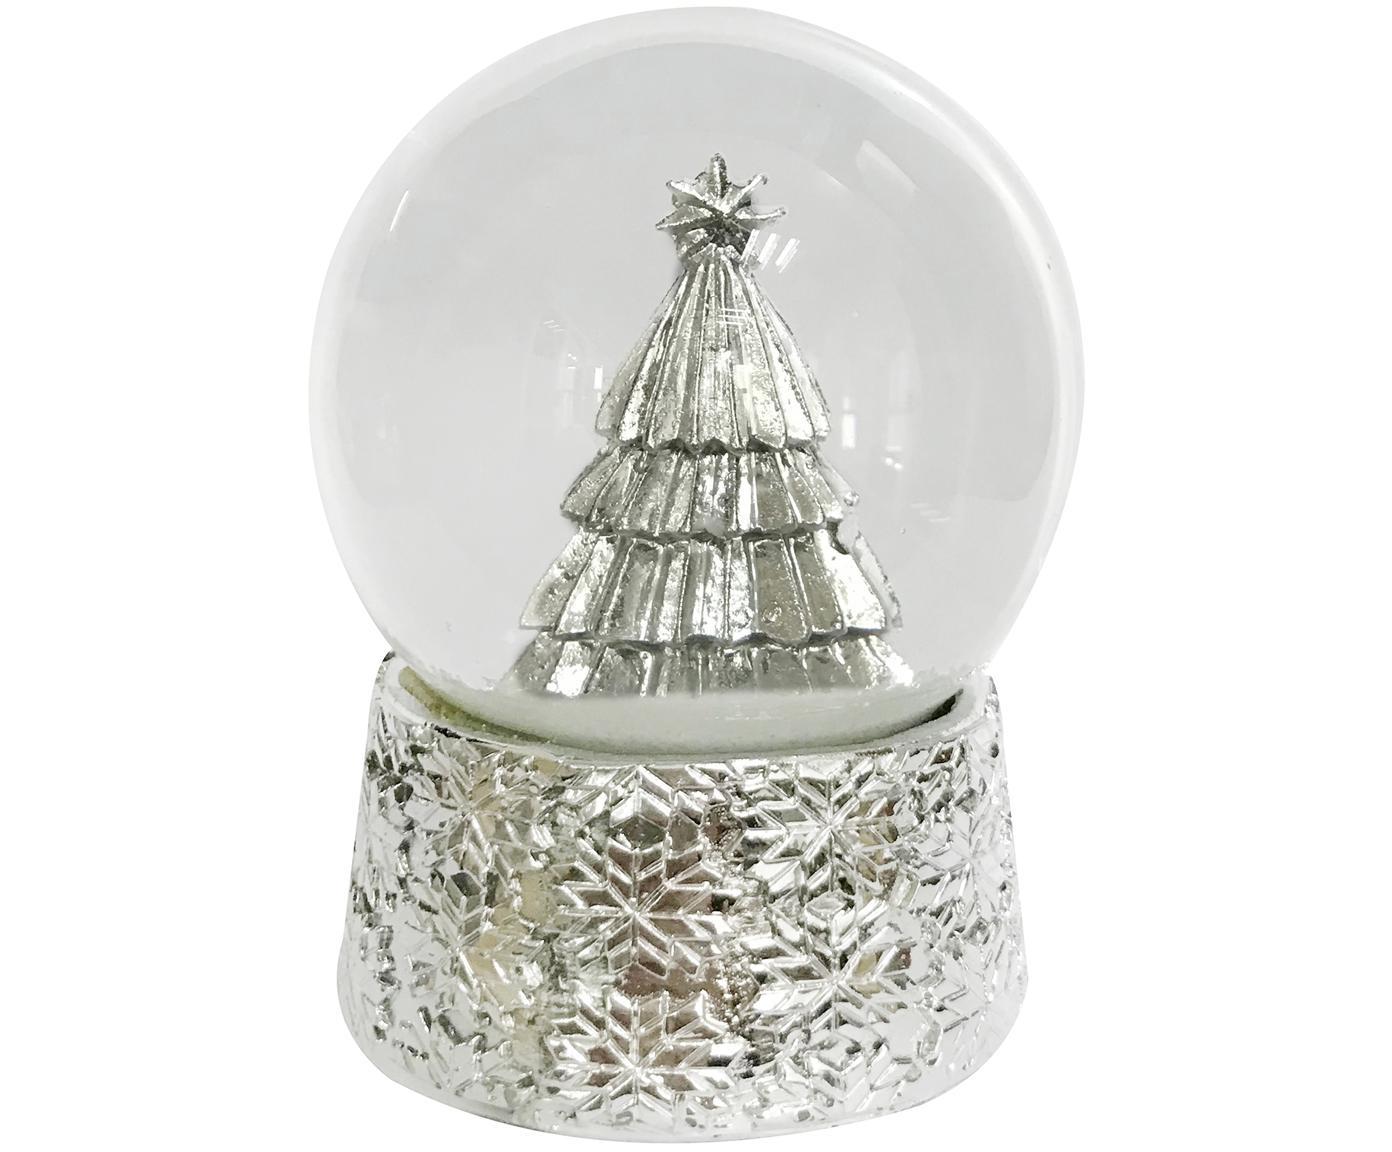 Schneekugel Serafina Tree, Sockel: Polyresin, Silberfarben, Ø 7 x H 8 cm